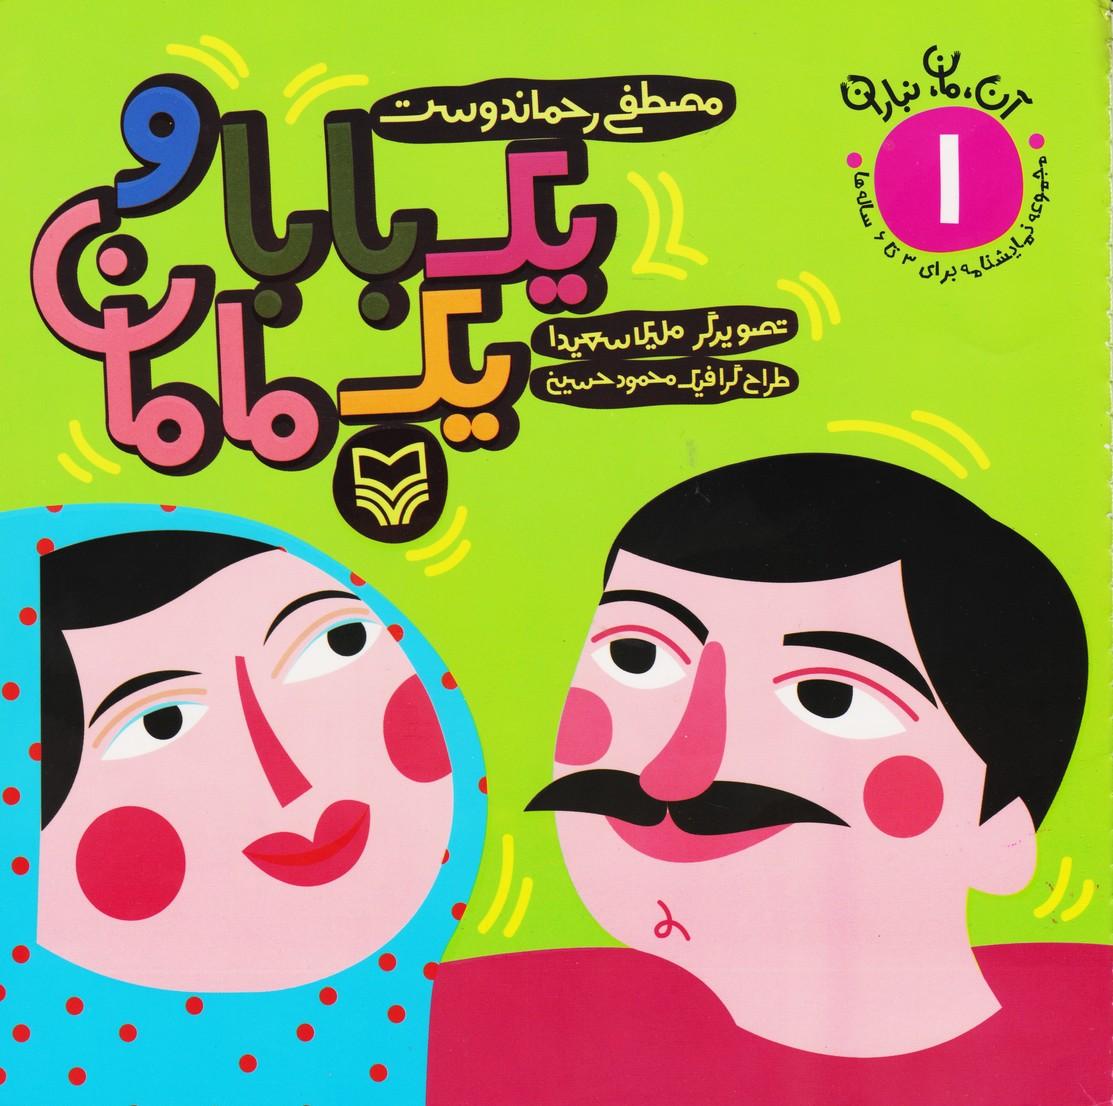 یک بابا و یک مامان (1) : مجموعه نمایشنامه برای 3تا6 ساله ها